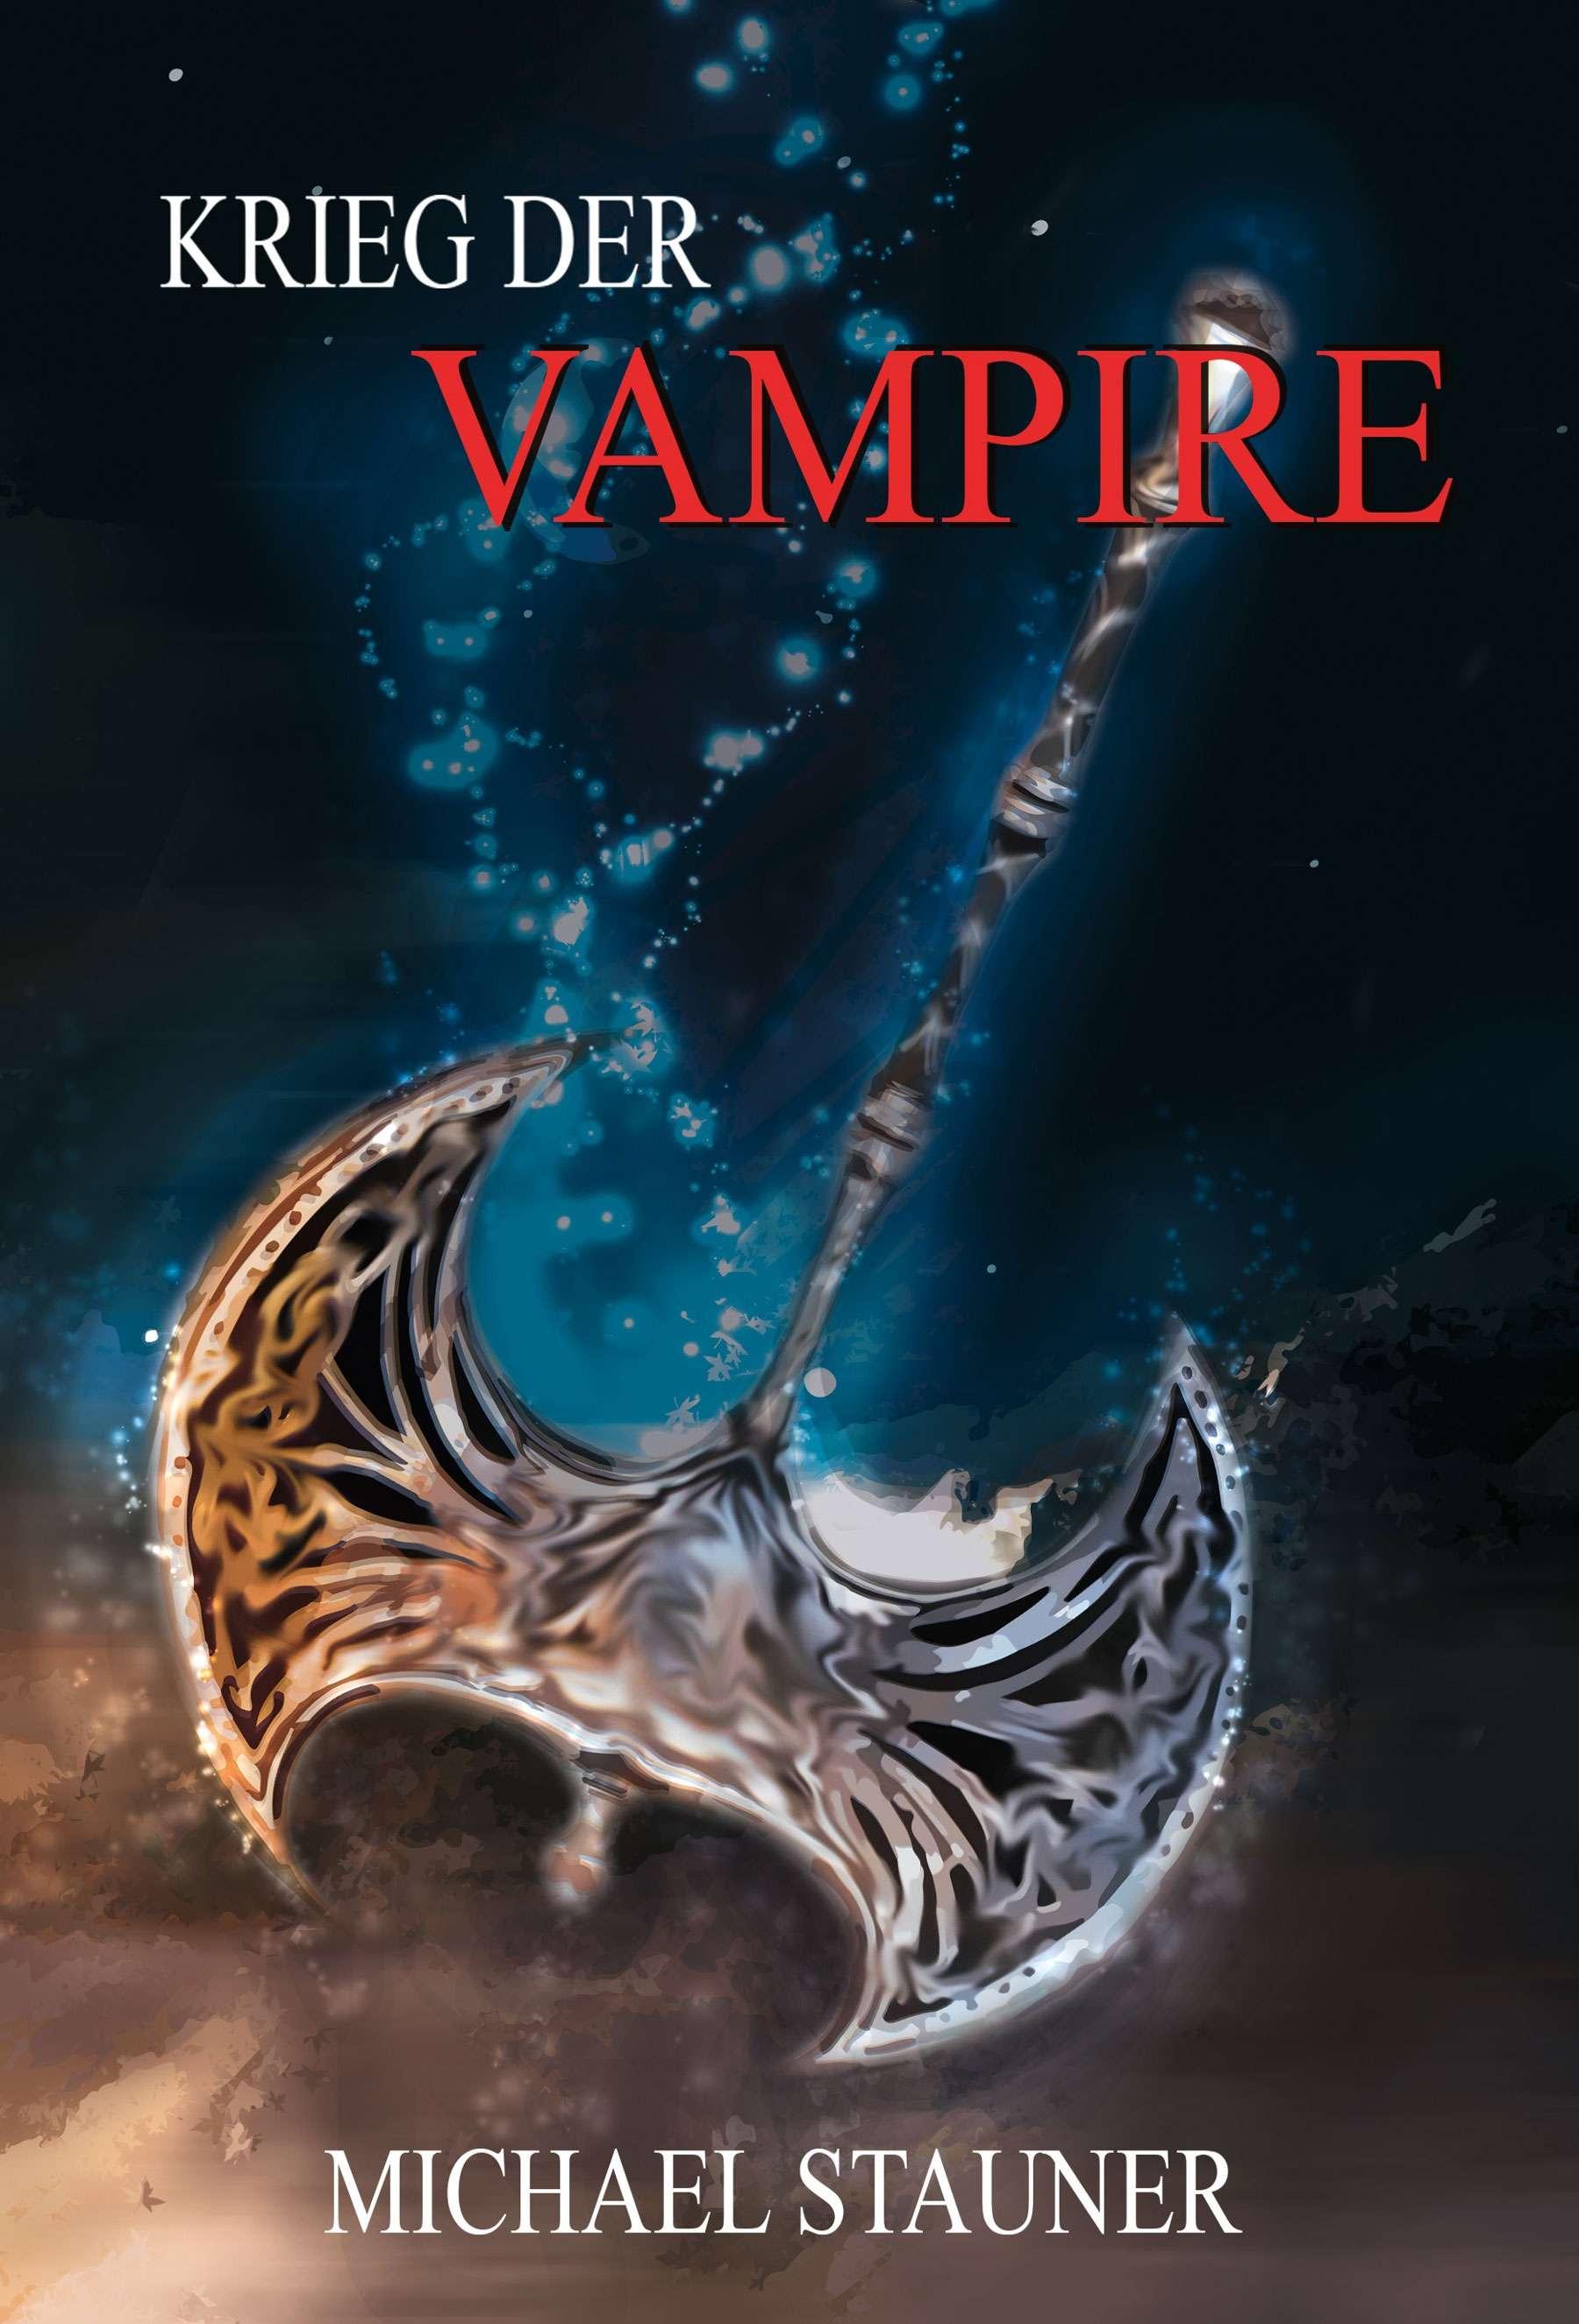 Michael Stauner Krieg der Vampire Book Cover